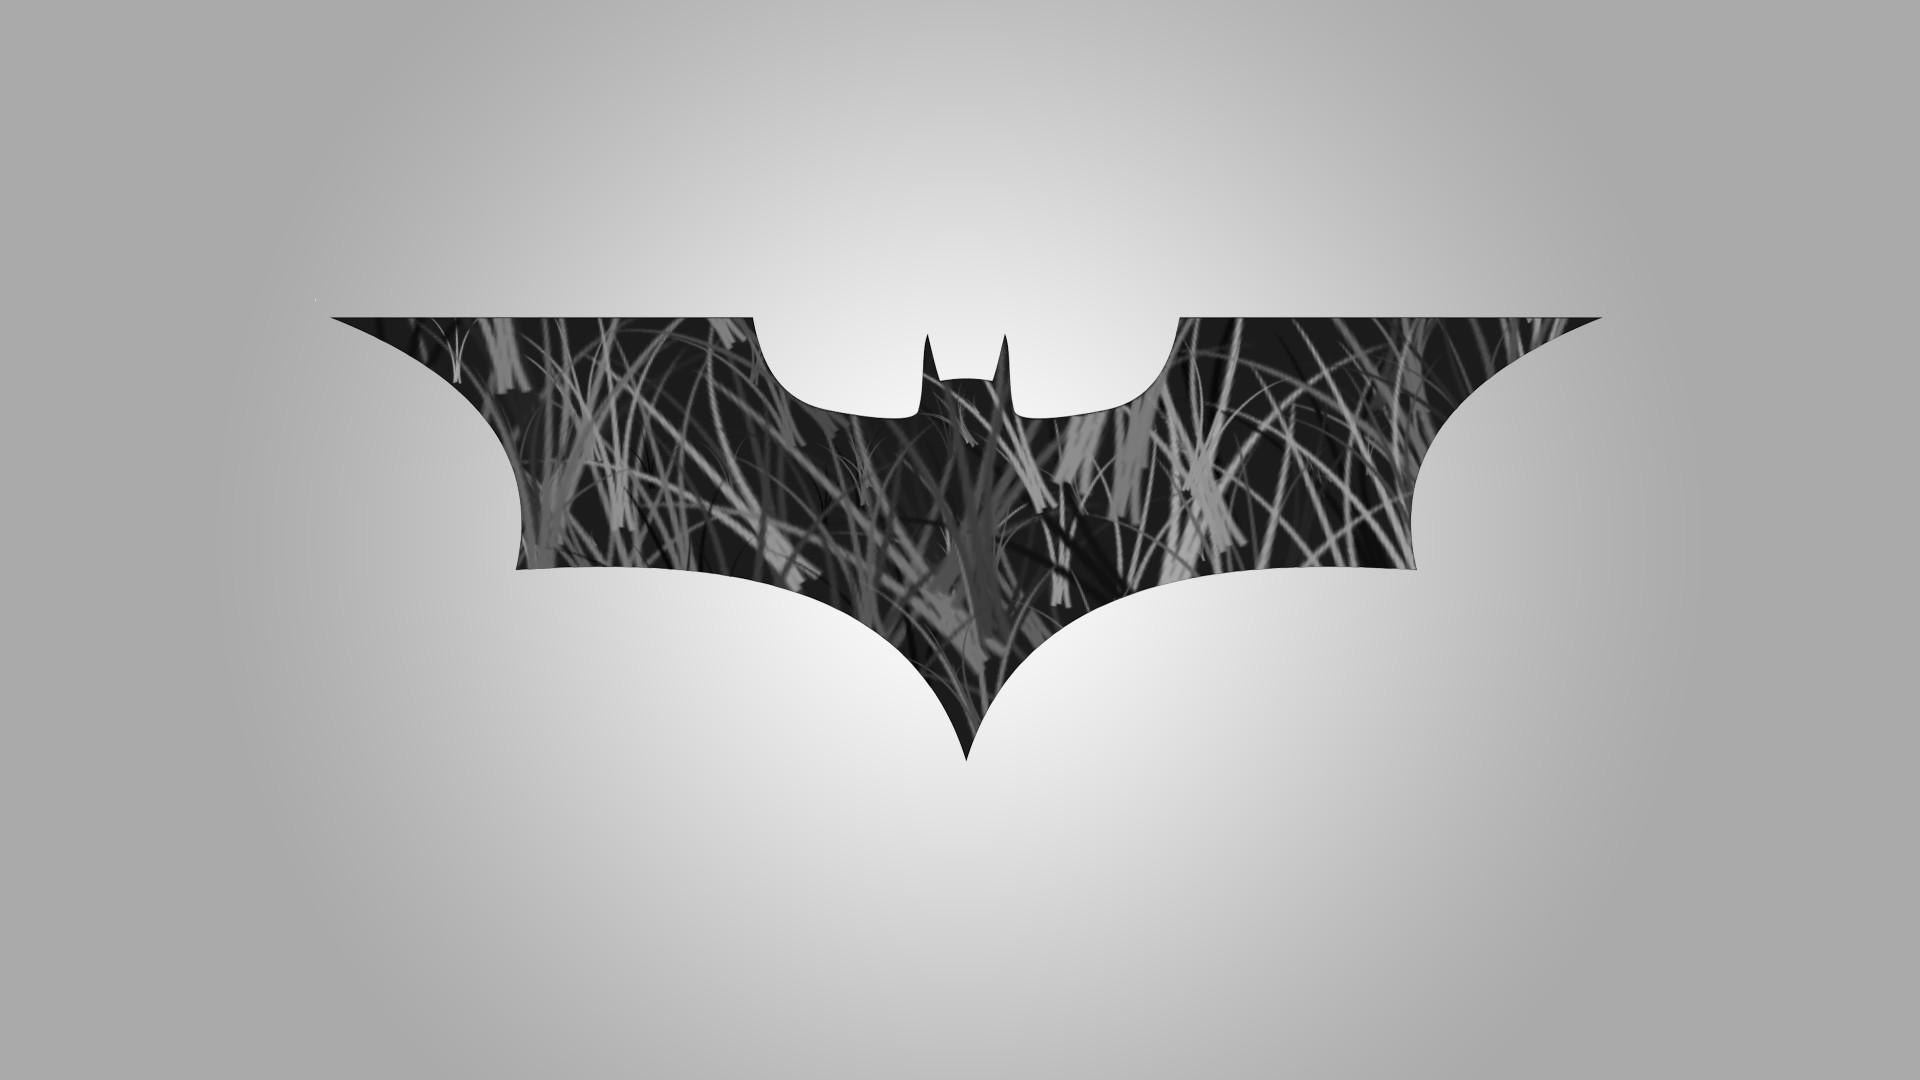 Batman Logo Wallpaper HD (74+ Images